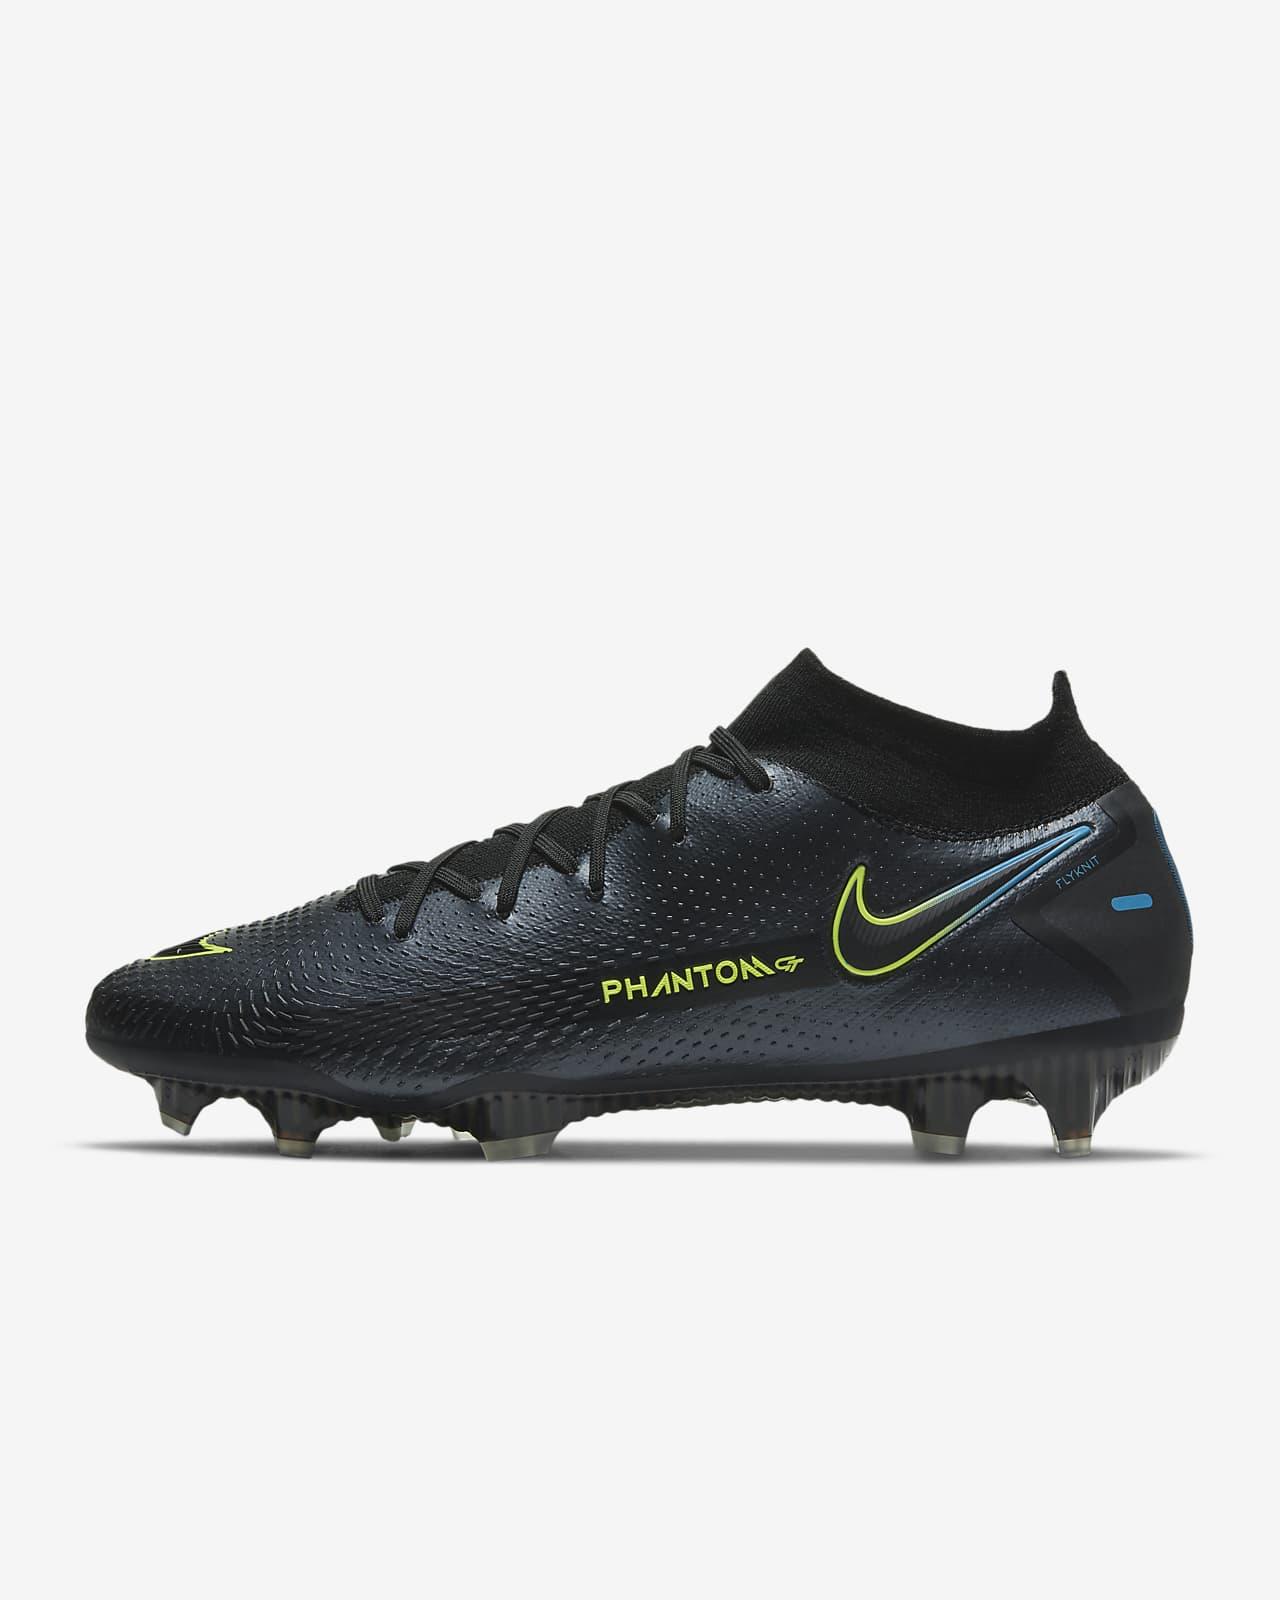 Chaussure de football à crampons pour terrain sec Nike Phantom GT Elite Dynamic Fit FG